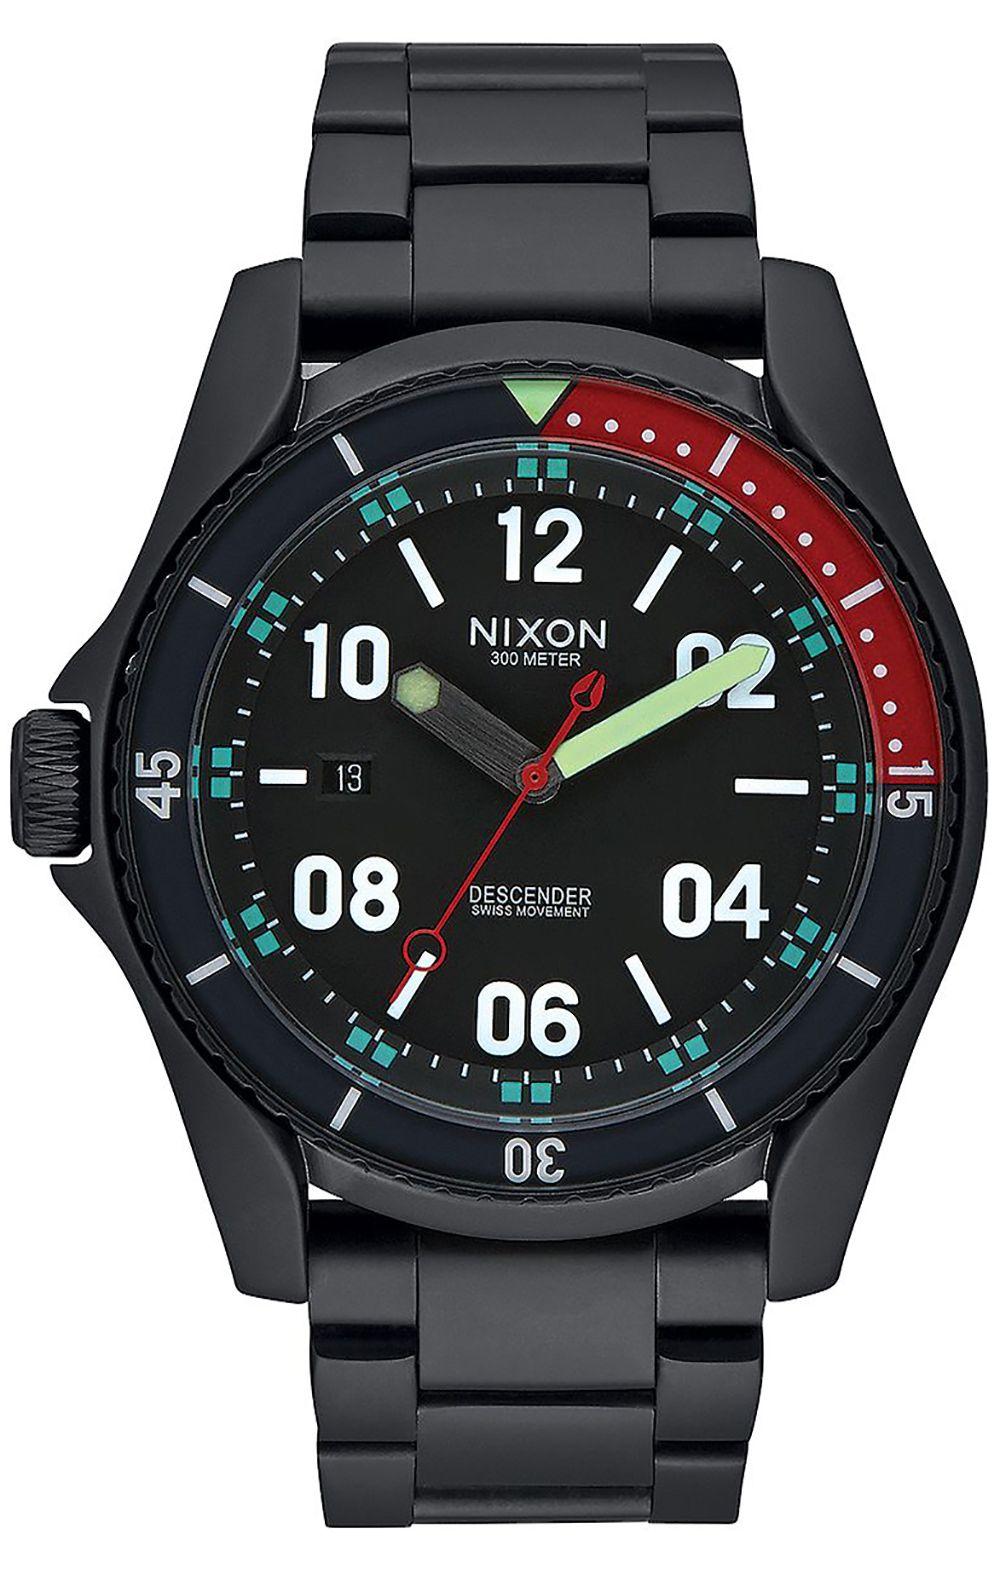 Nixon Watch DESCENDER All Black/Multi